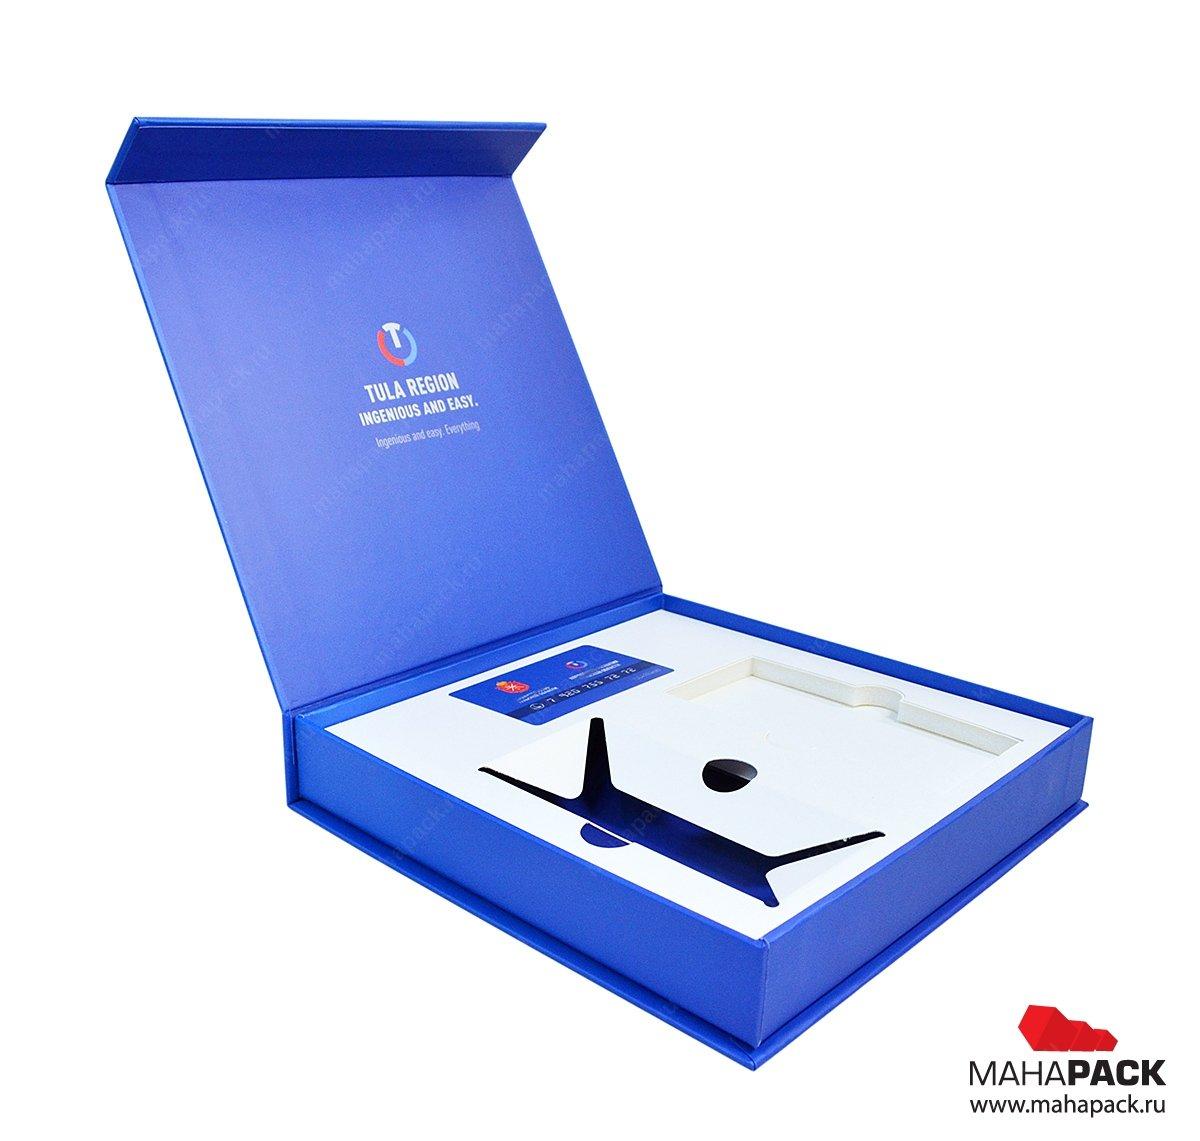 Индивидуальная подарочная коробка на заказ